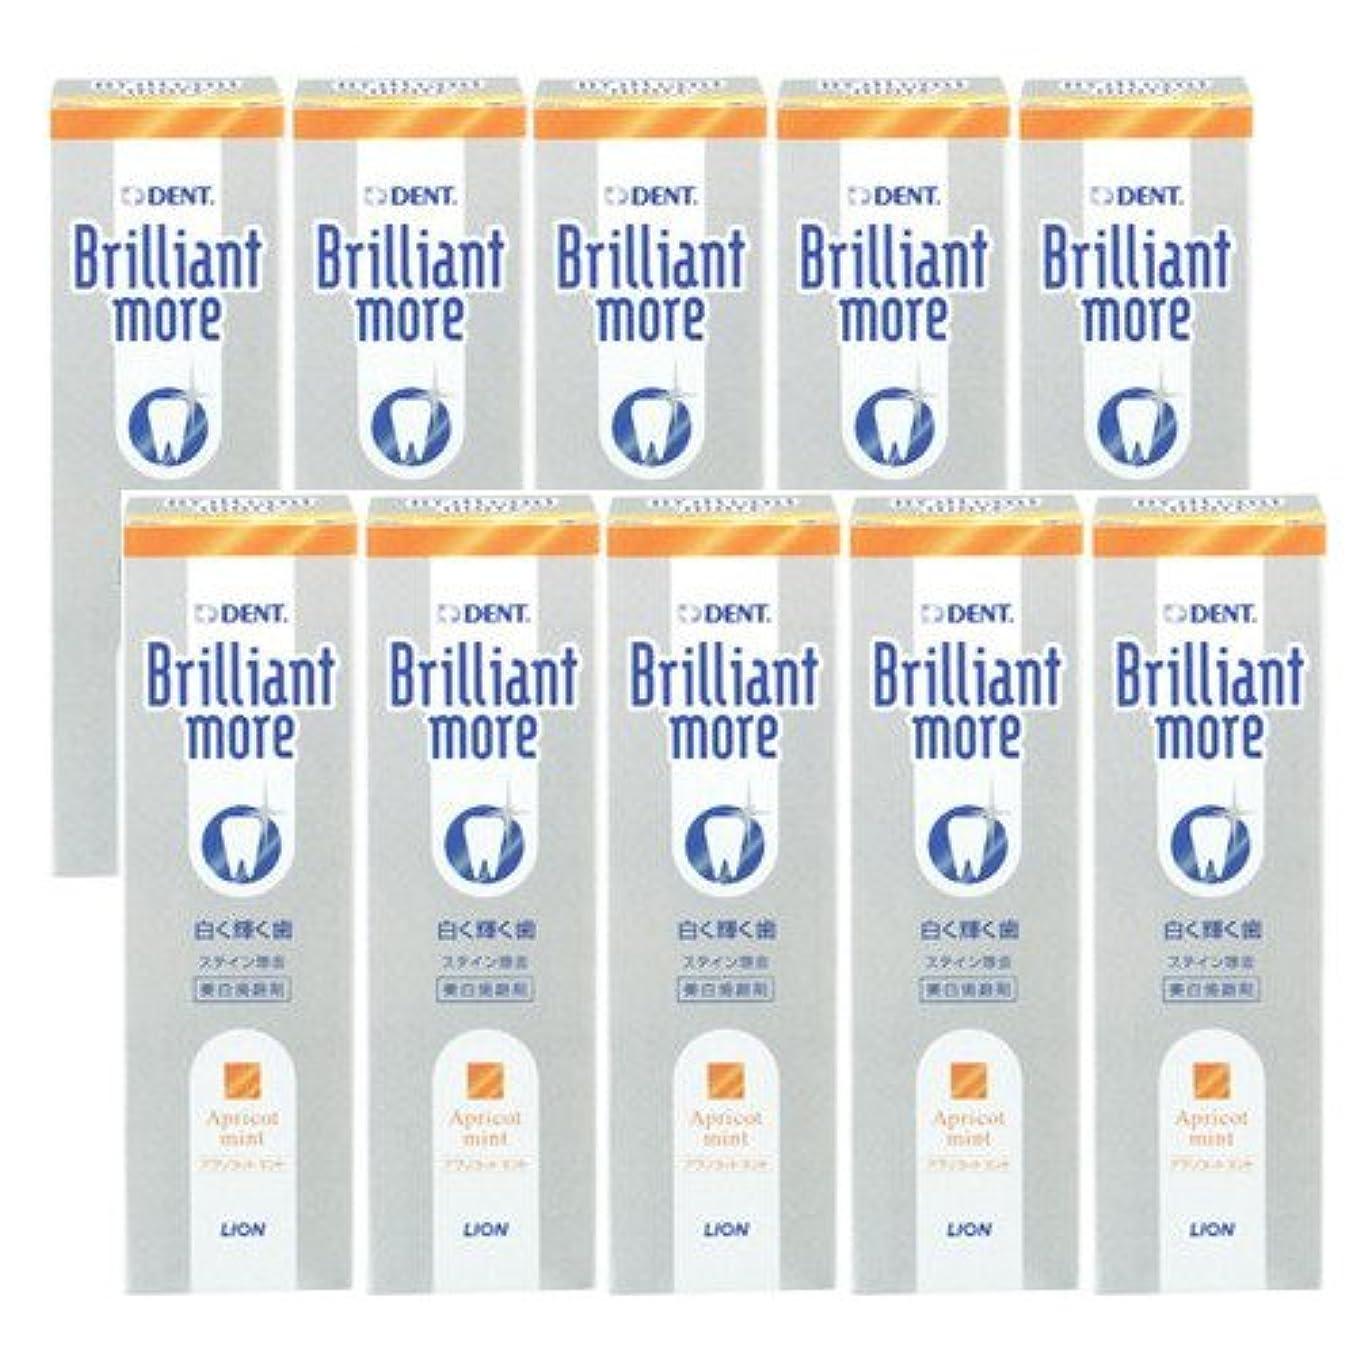 全体お酢ファウルライオン ブリリアントモア アプリコットミント 美白歯磨剤 LION Brilliant more 10本セット